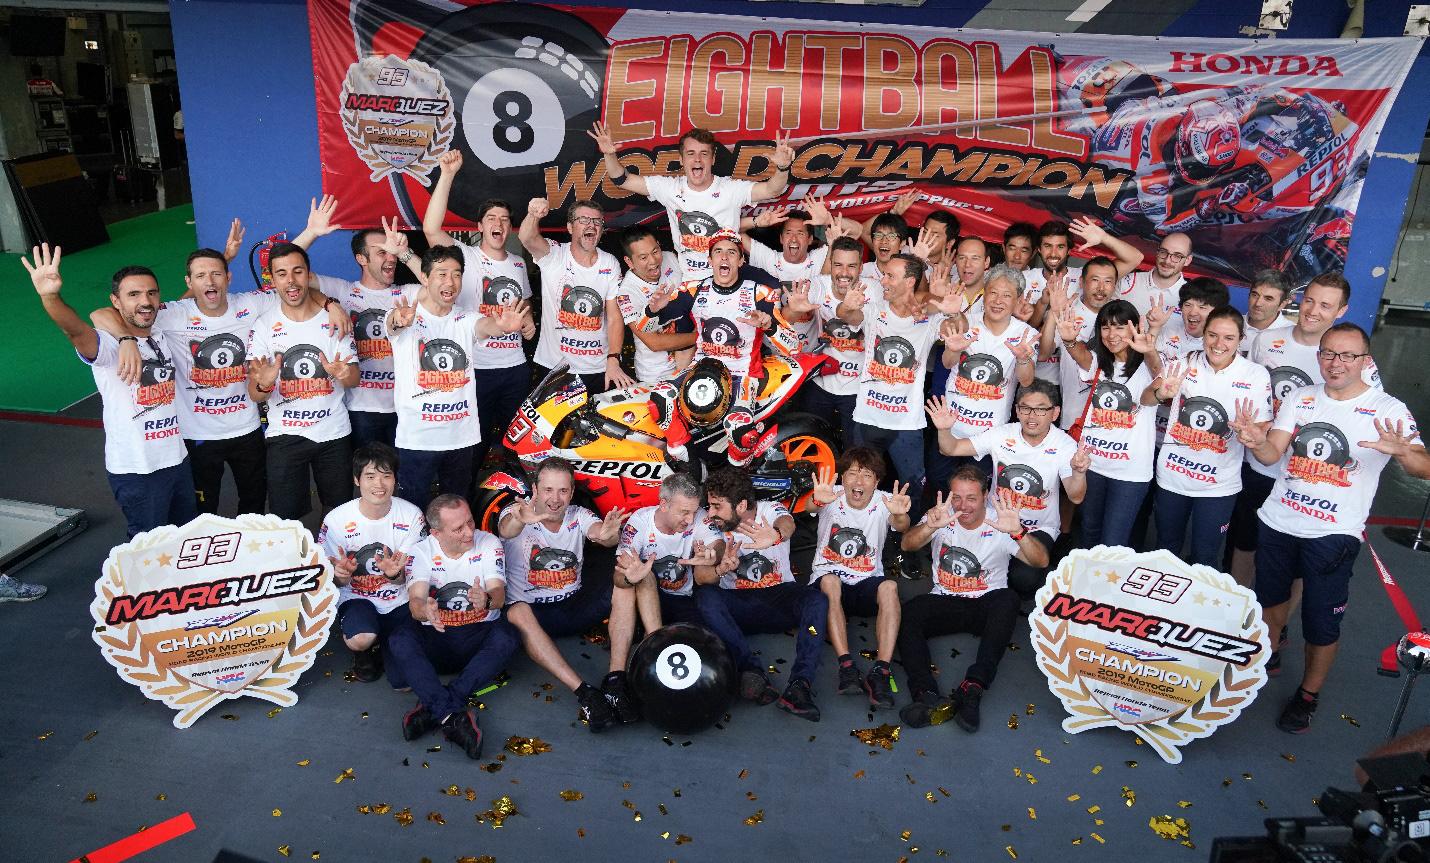 Honda chiến thắng tuyệt đối ở cả 3 danh hiệu mùa giải MotoGP 2019 - Ảnh 1.